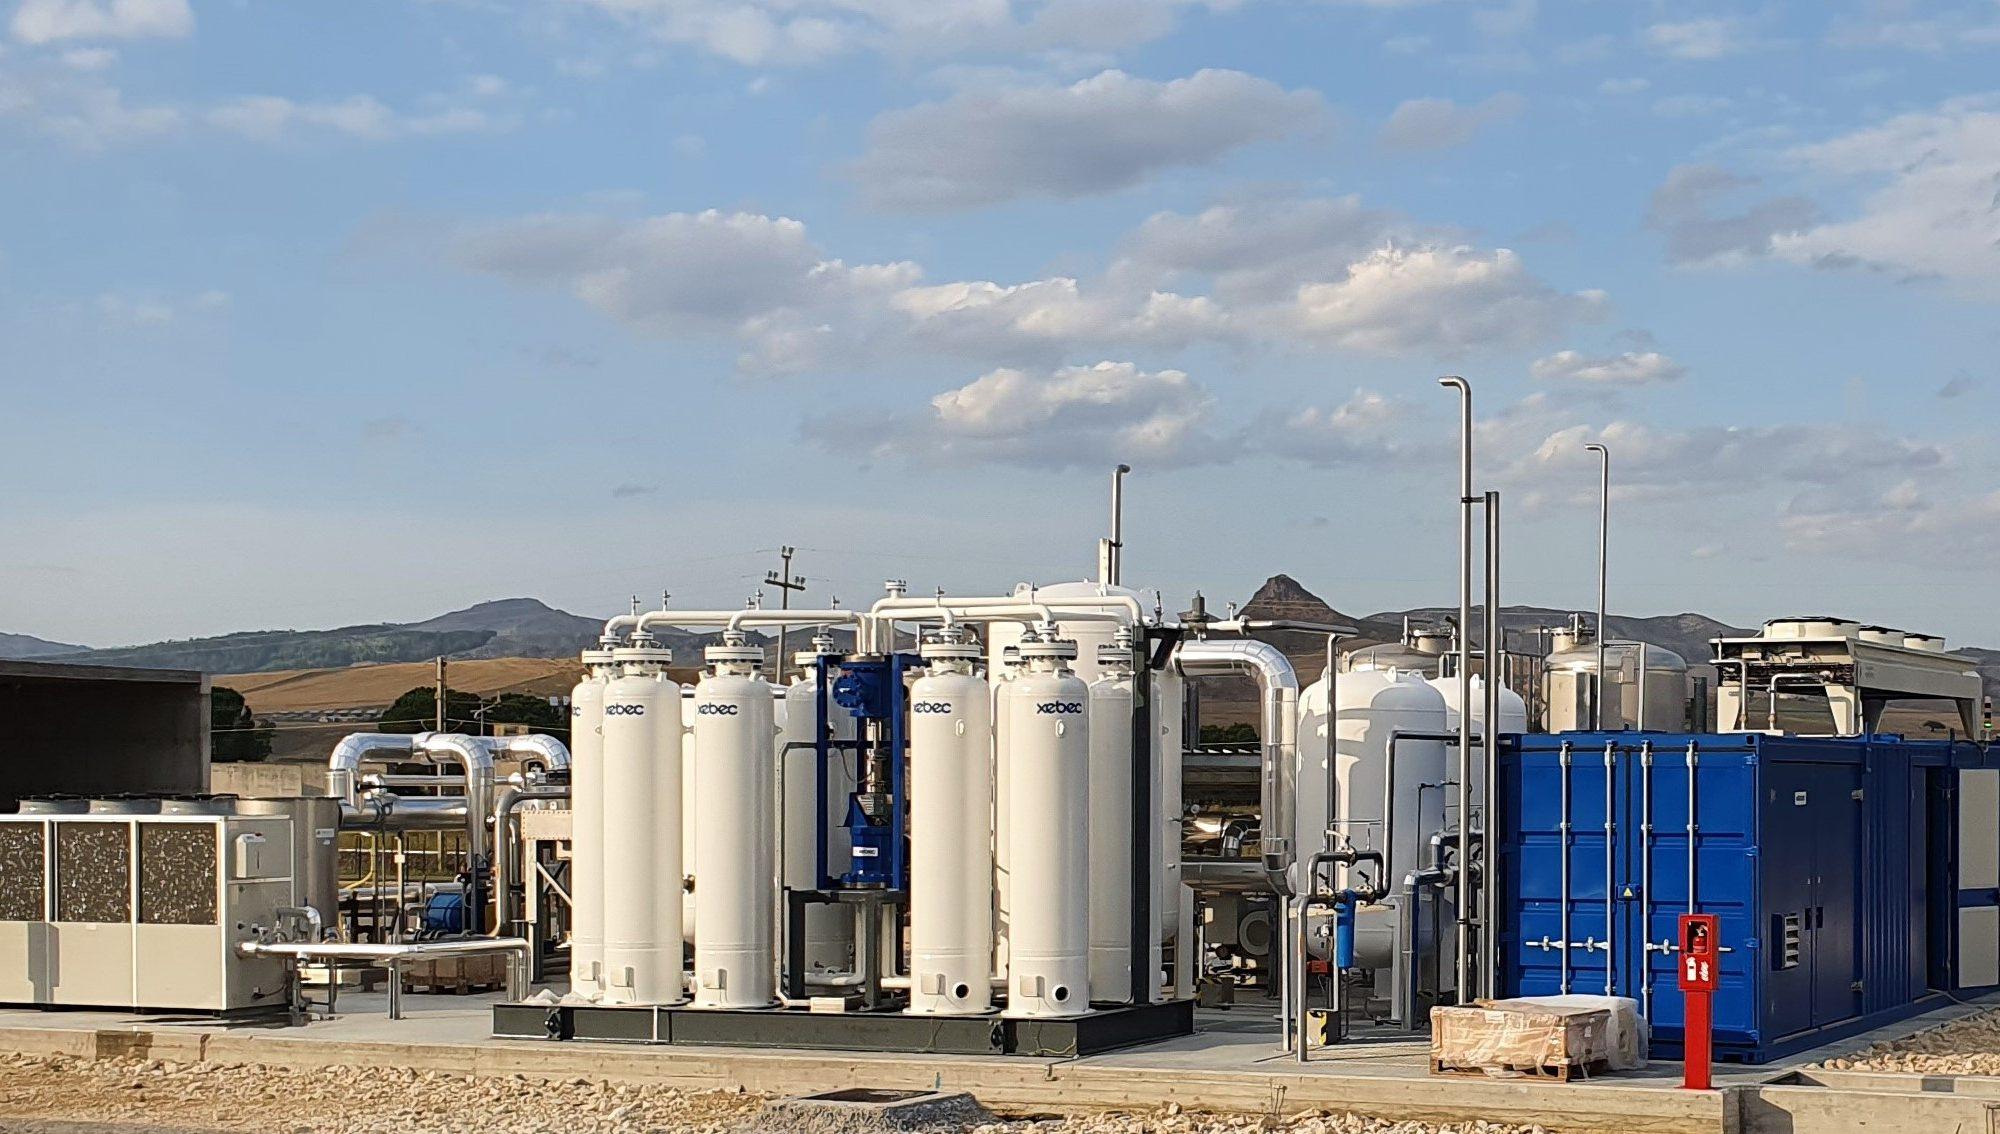 Biometano, in partenza il primo impianto di upgrading fornito da Sapio